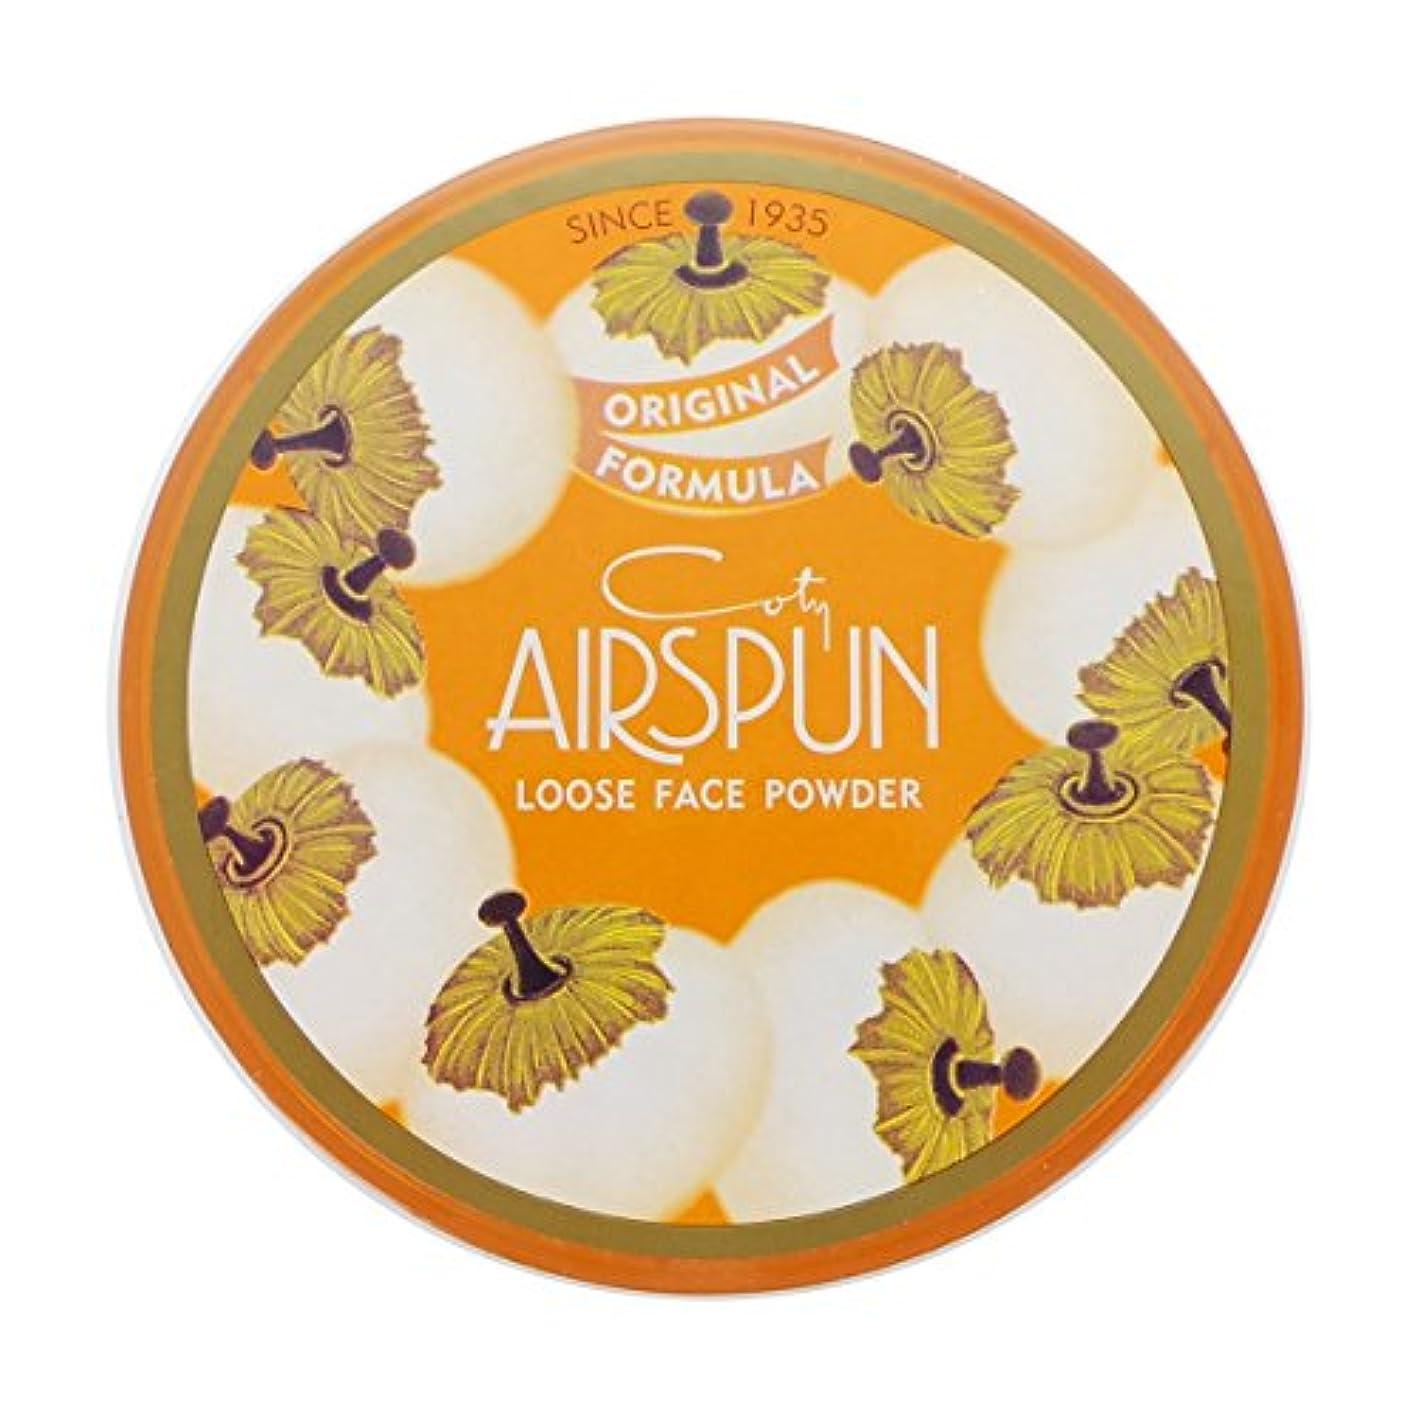 トリクルメルボルンラップCOTY Airspun Loose Face Powder - Translucent Extra Coverage (並行輸入品)